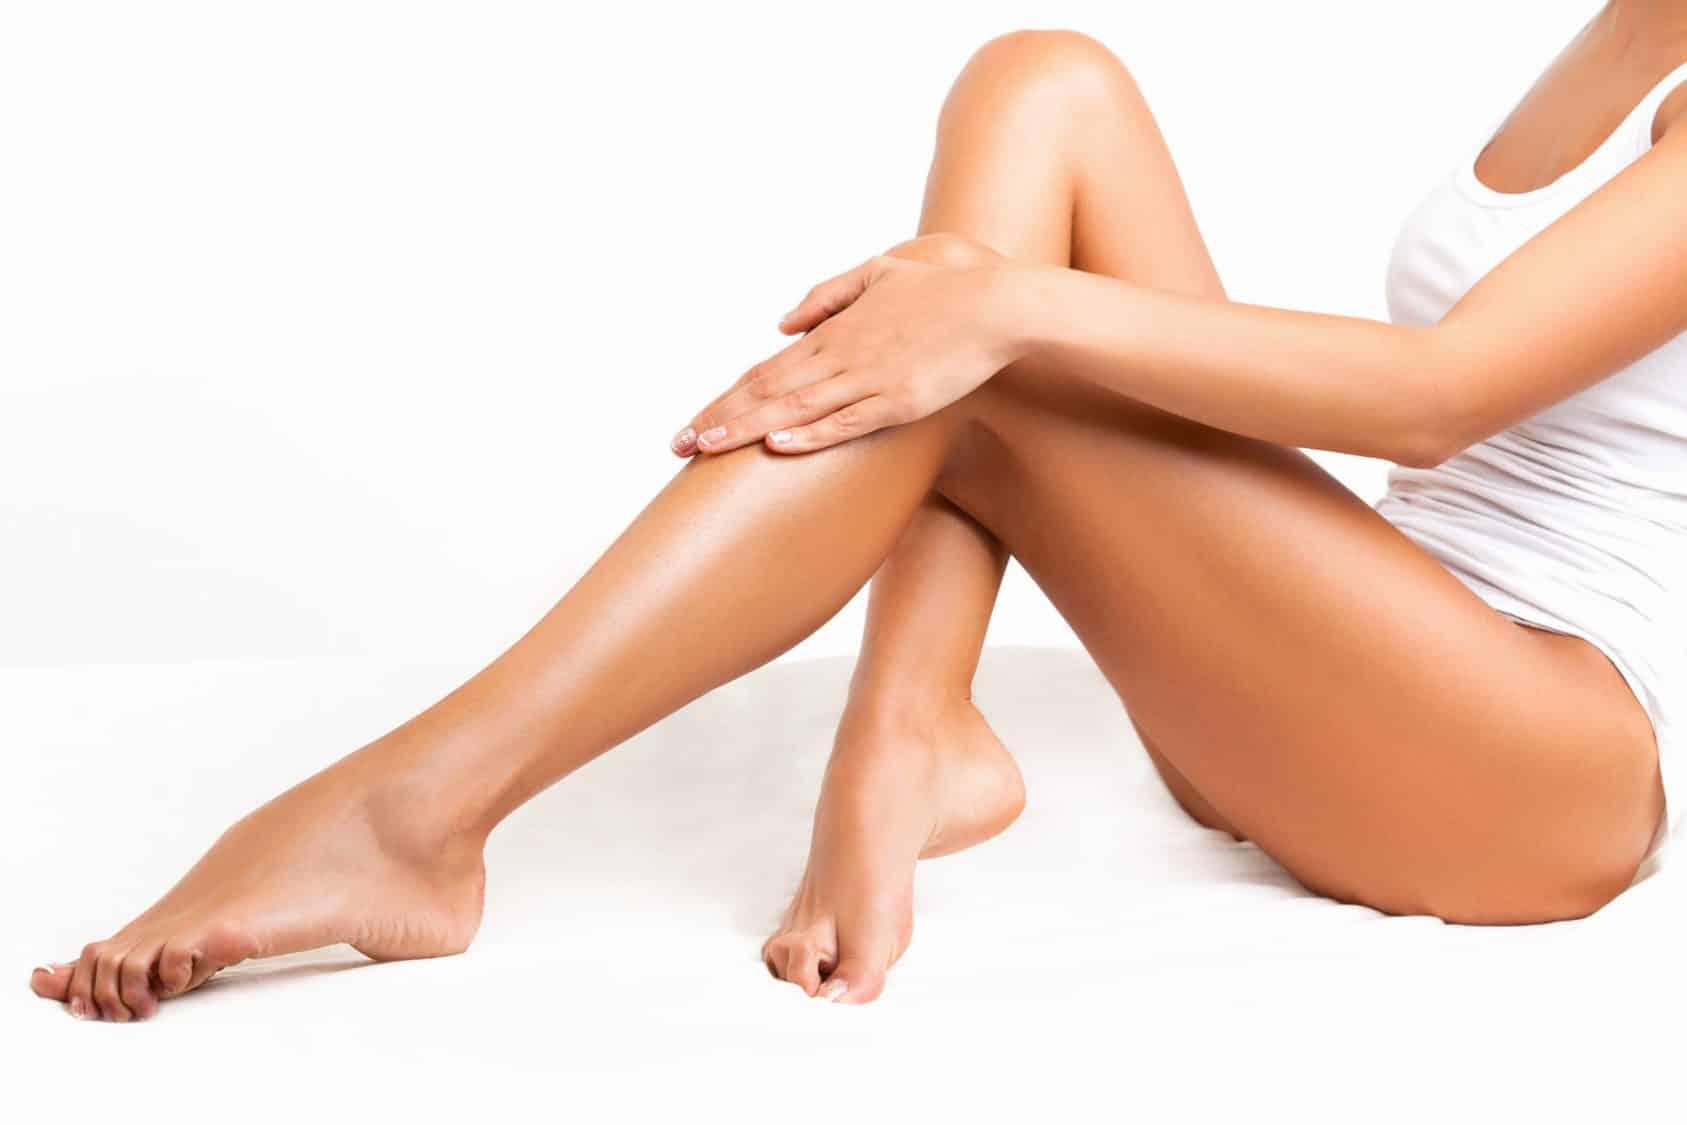 Лучшие гели и мази от варикоза эффективные крема при варикозе ног - -